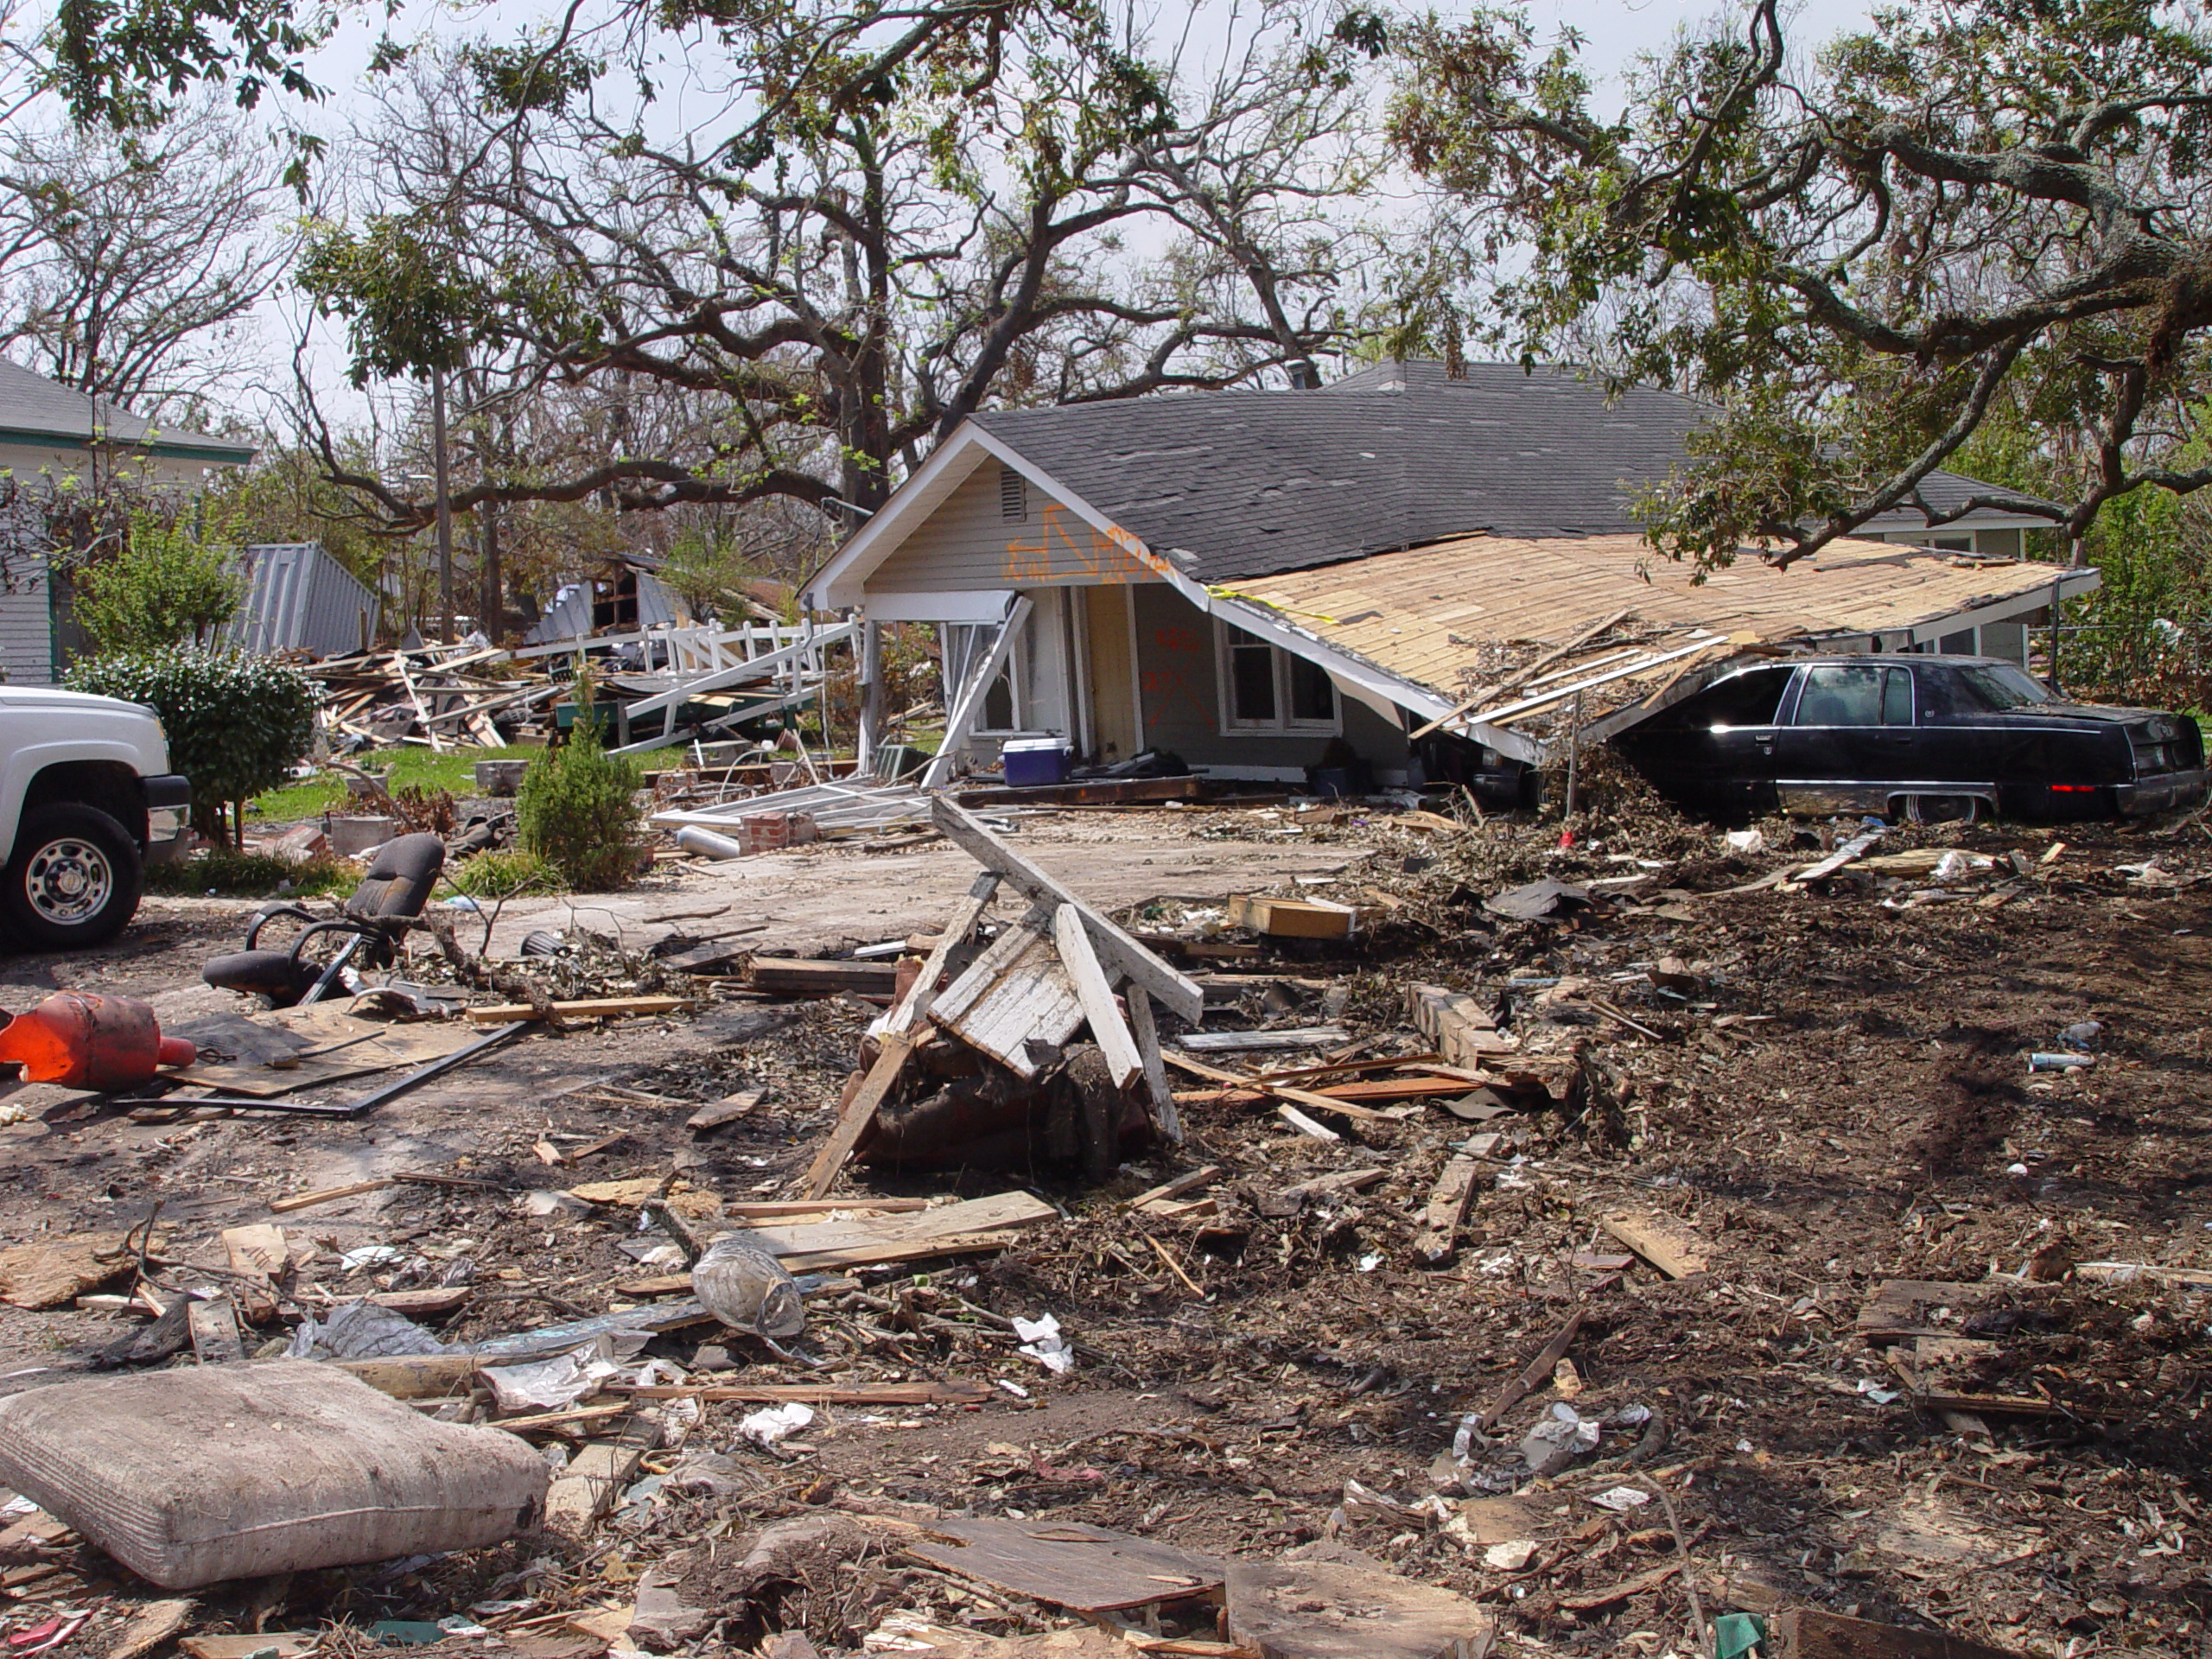 Catástrofes que nos muestran nuestros errores